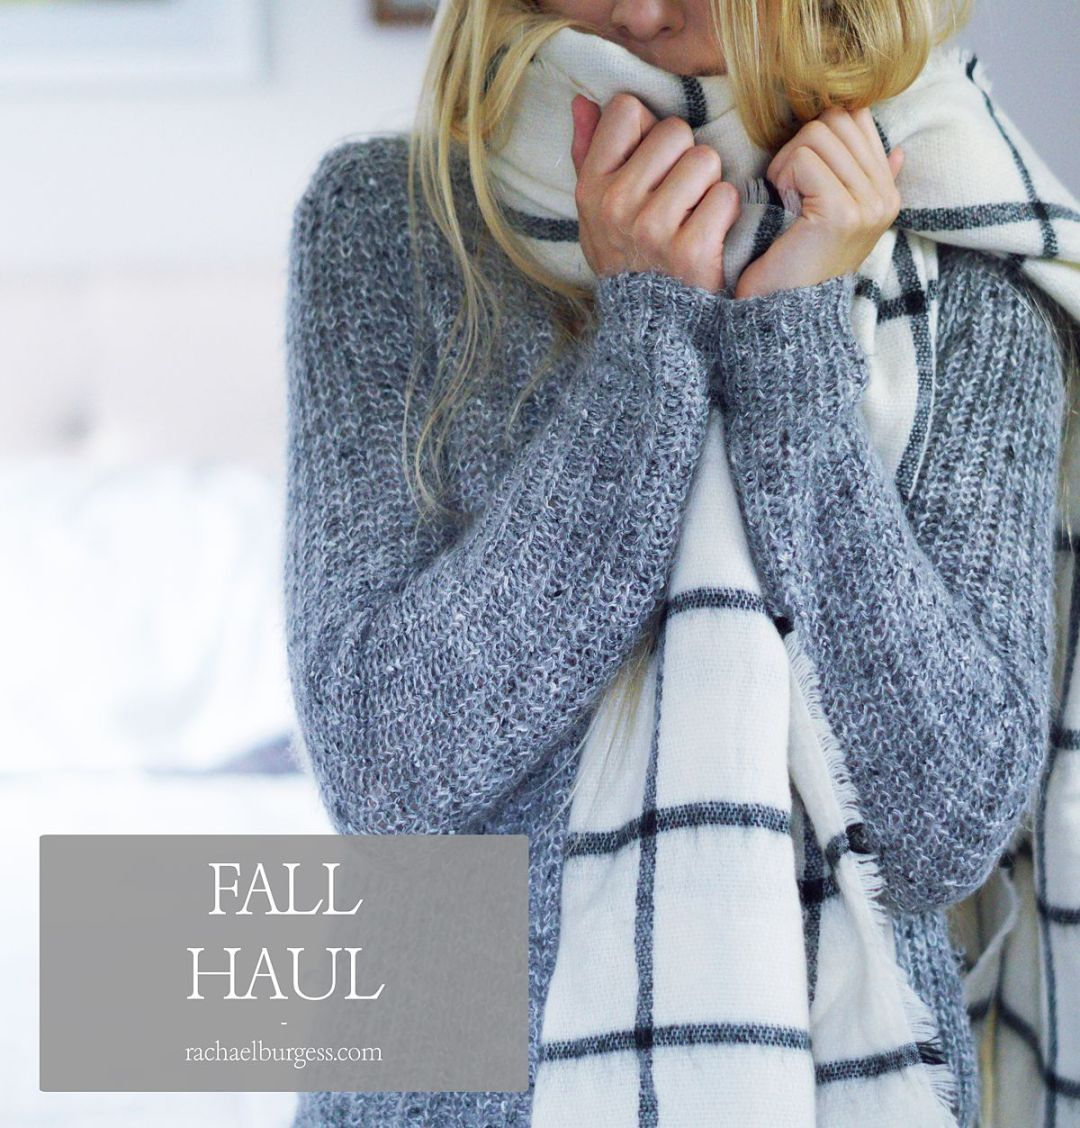 Fall Haul | Rachael Burgess